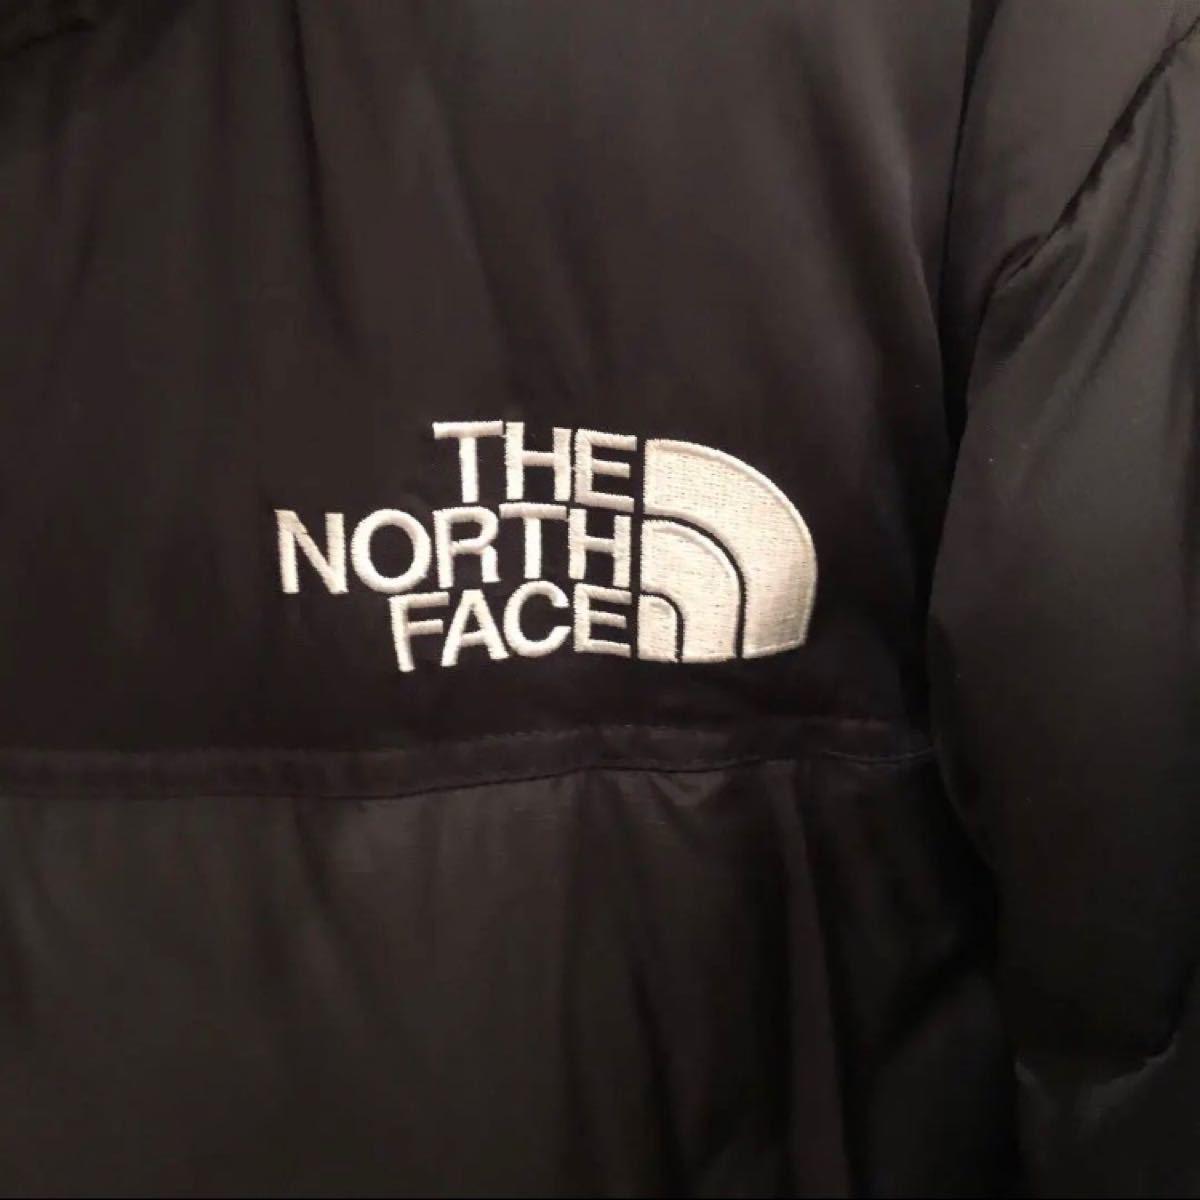 THE NORTH FACE ヌプシ ダウンジャケットノースフェイスヌプシダウン